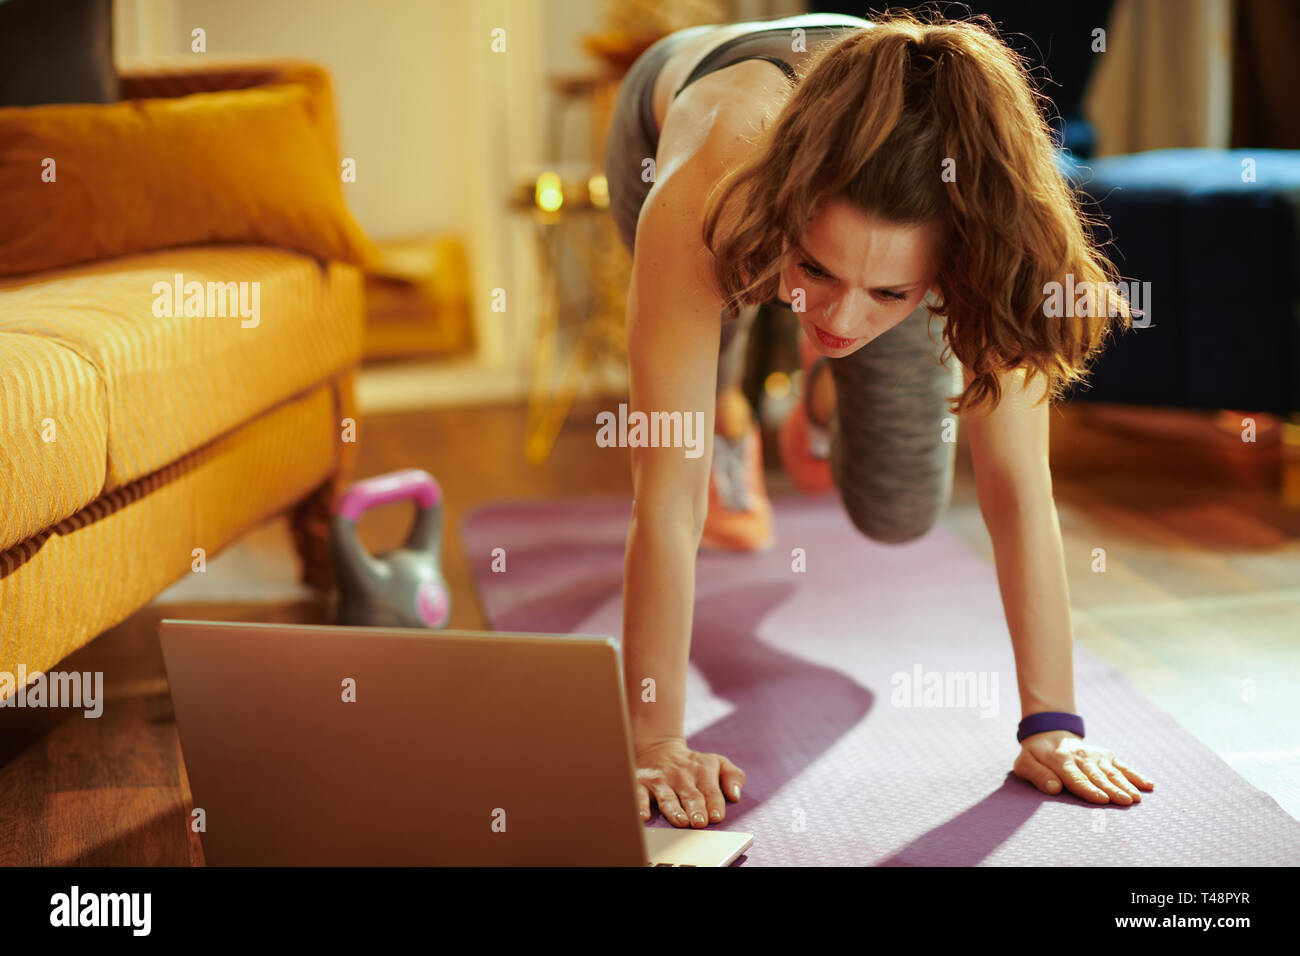 Deportes joven mujer en ropa de gimnasia en casa moderna mediante streaming en línea sitio de fitness en el ordenador portátil y realizar circuitos de entrenamiento en fitness mat. Imagen De Stock